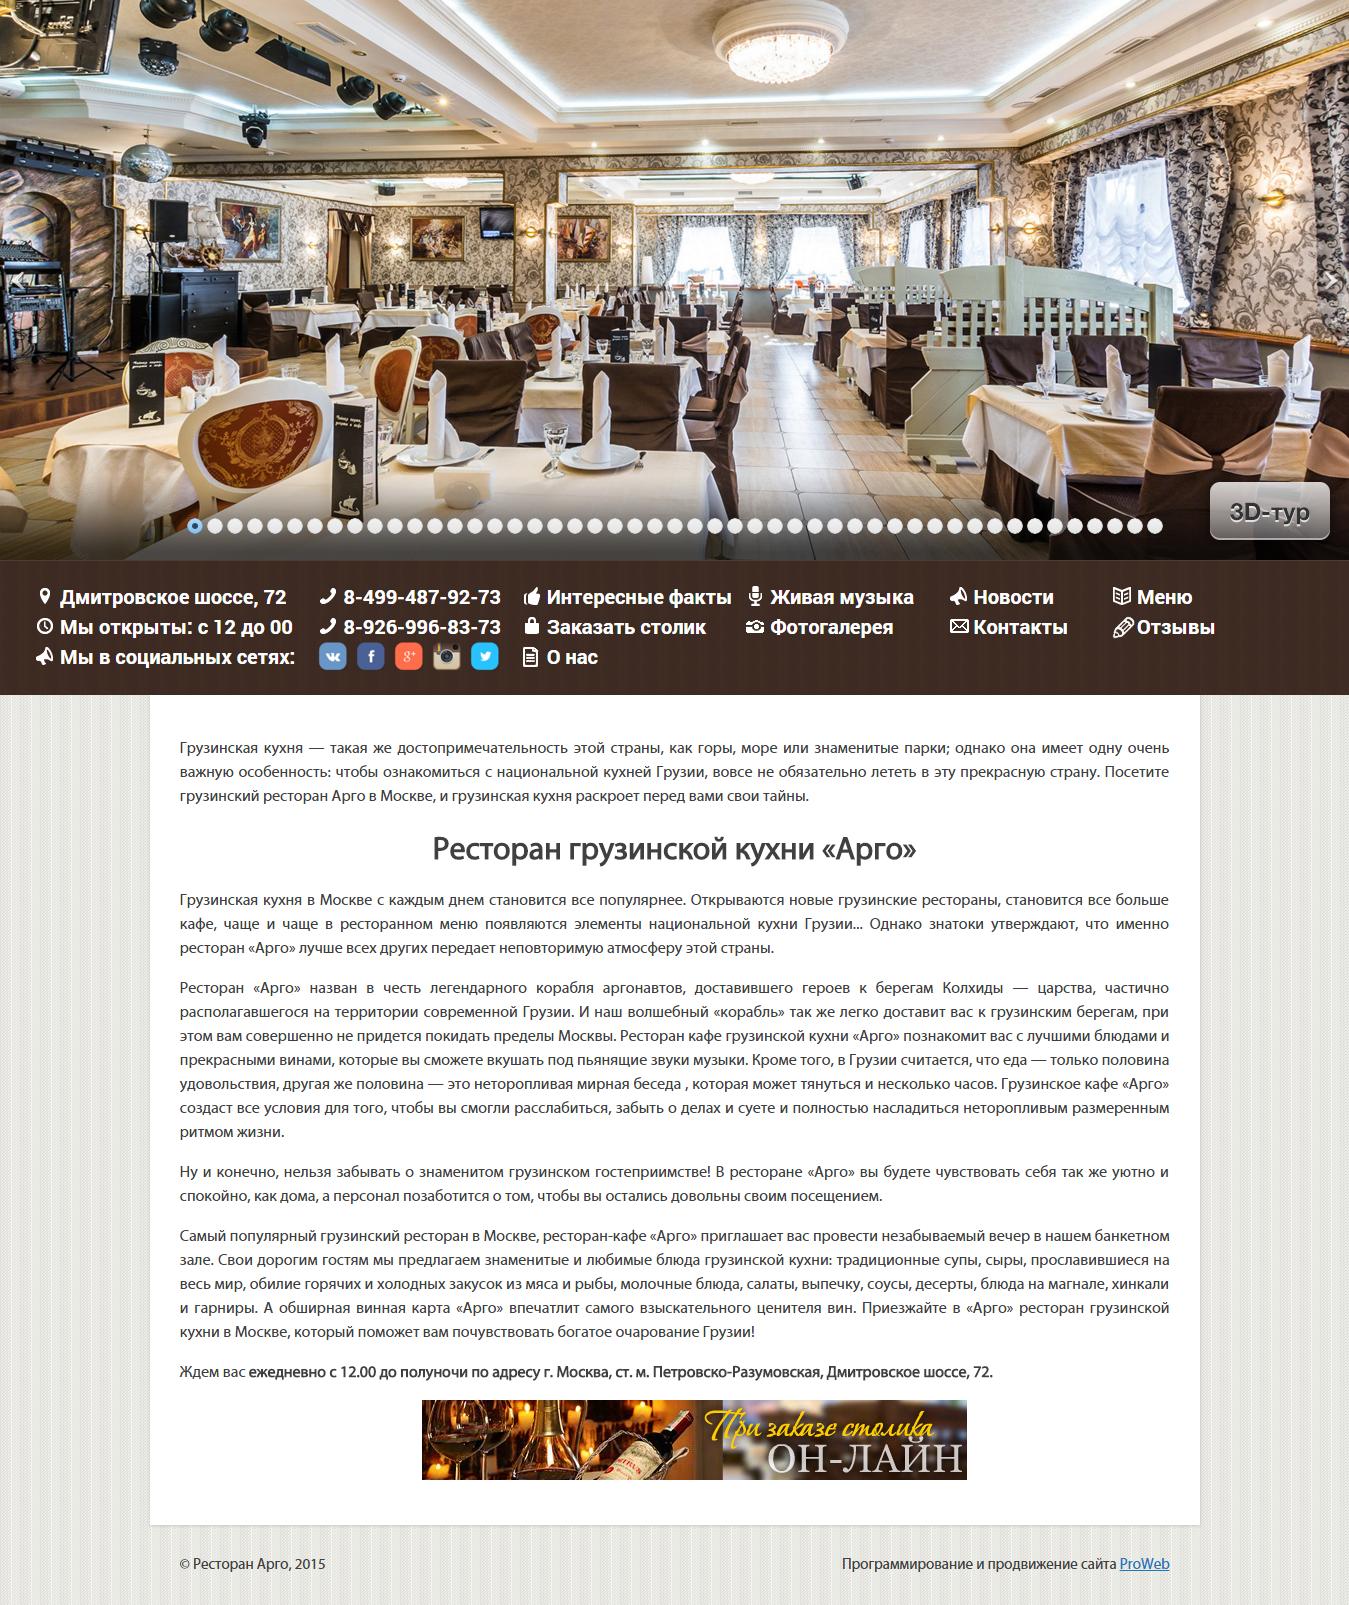 Ресторан грузинской кухни «Арго»